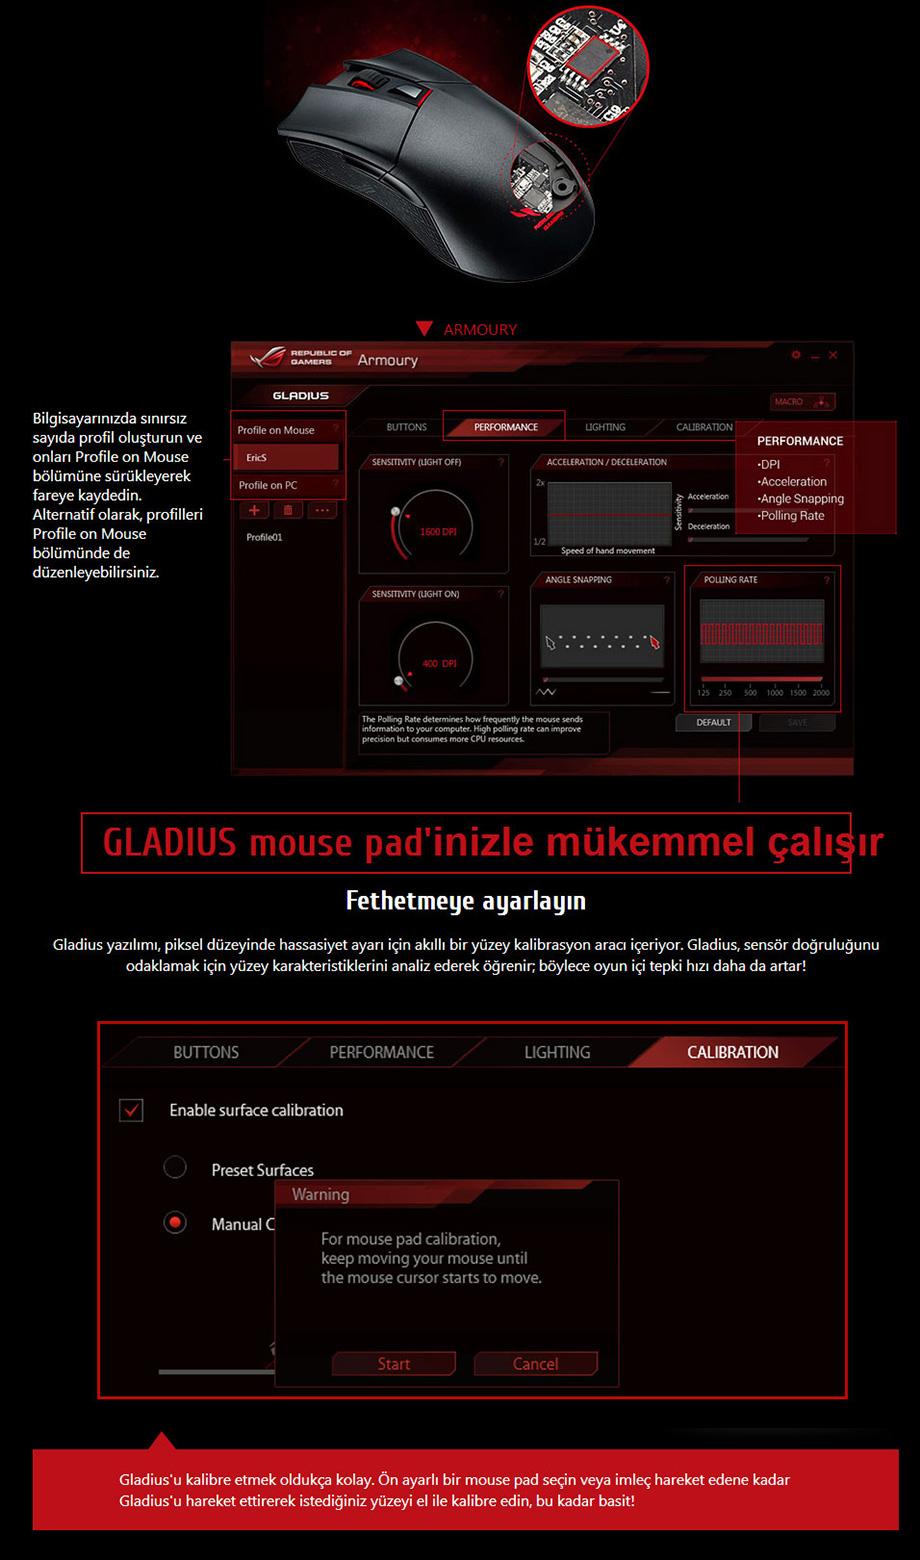 ASUS-ROG-Gladius-07